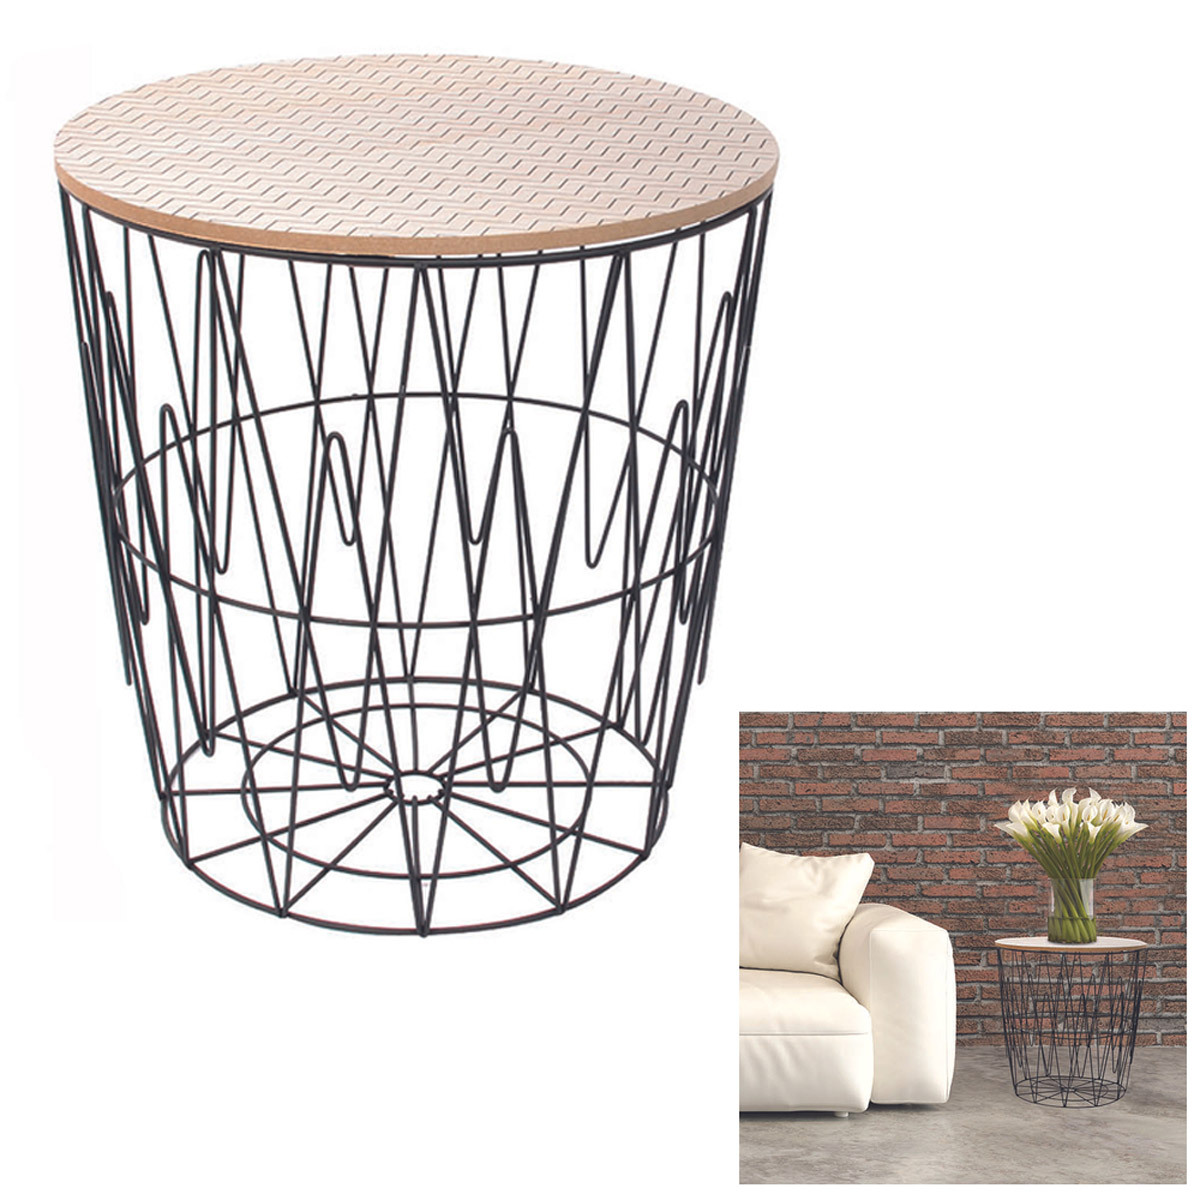 Table filaire bois métal \'Boho\' noir beige - 40x385 cm - [R2402]